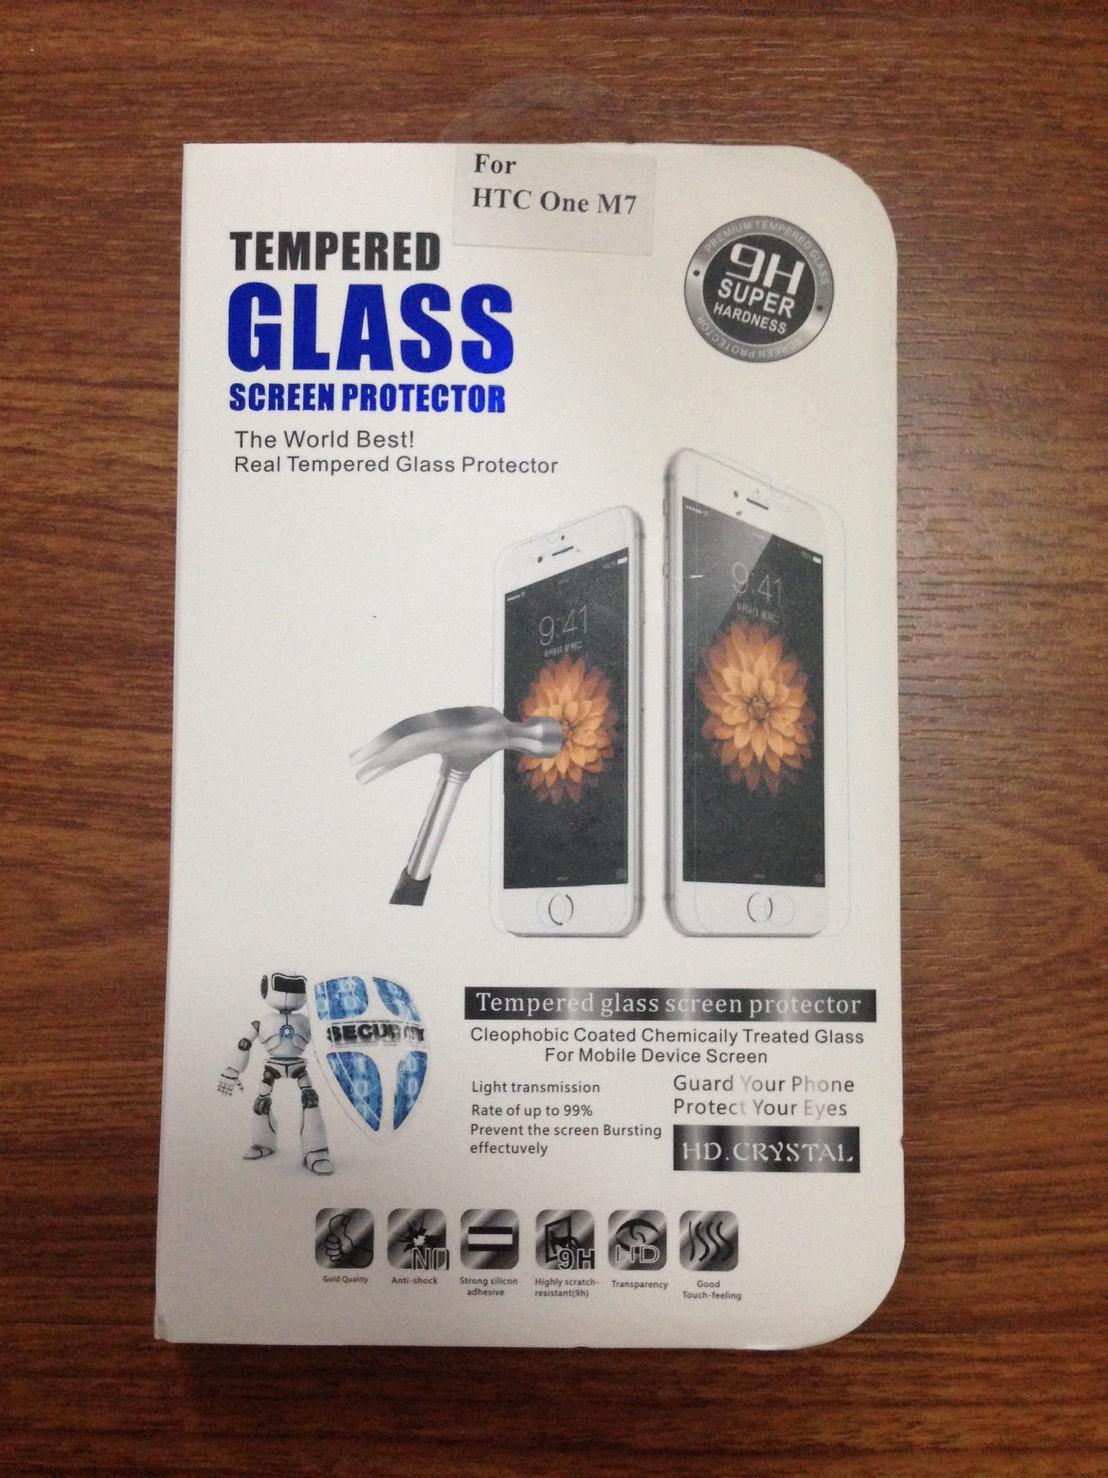 ฟิล์มกระจกนิรภัย HTC One M7 (Temper Glass) ไม่เต็มจอ